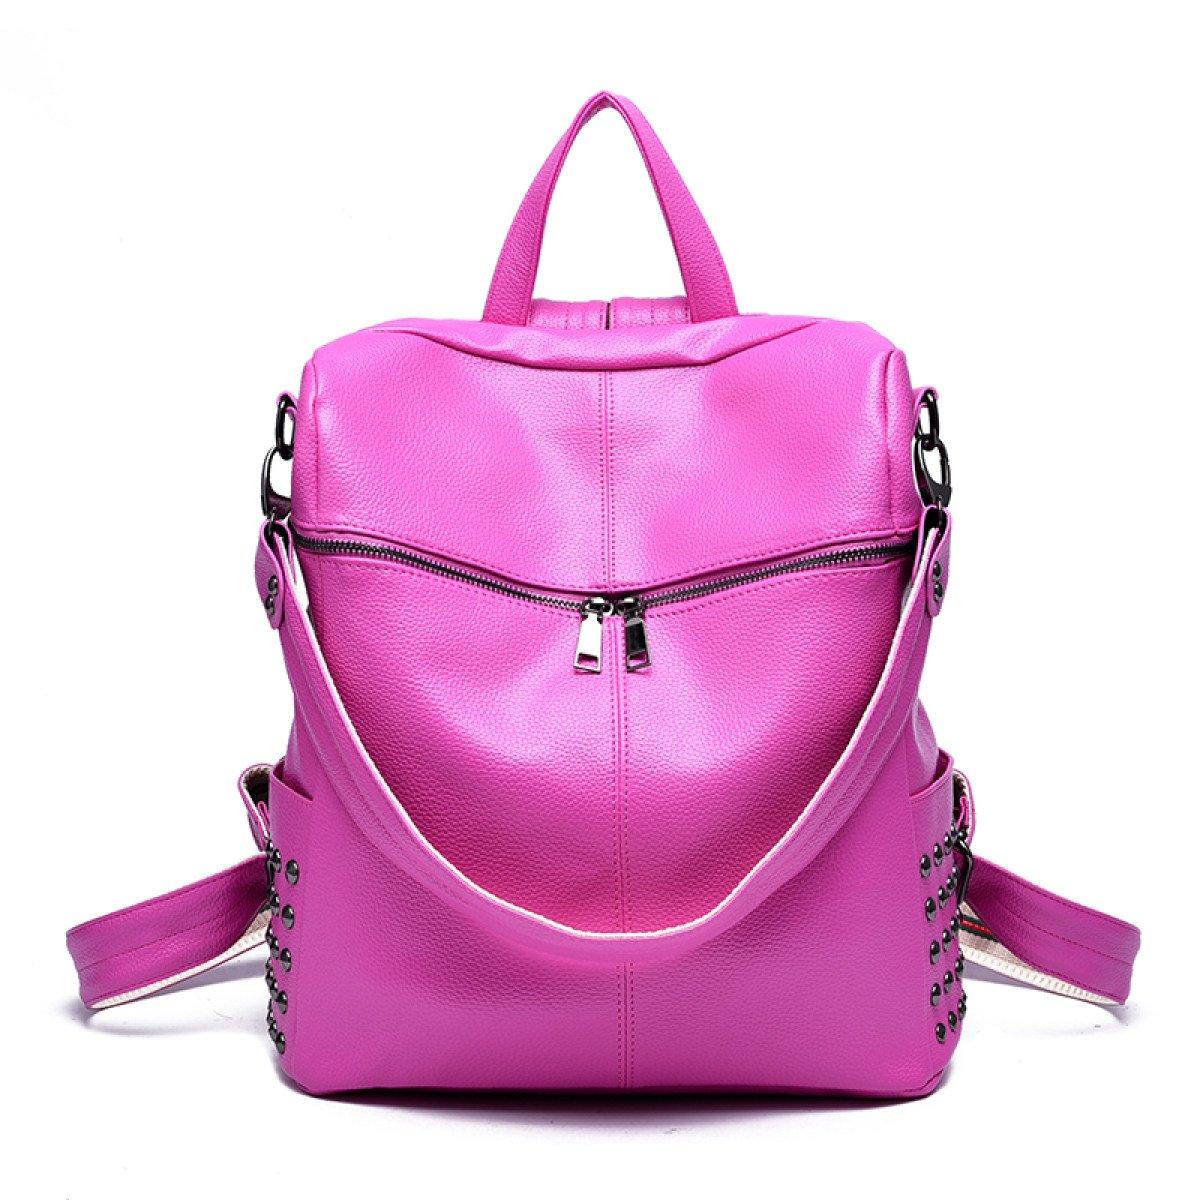 Dame Mode Persönlichkeit Nieten Lässig Rucksack Schüler Schultasche Schulter Schulter Schulter Handtasche B076N3DL7R Rucksackhandtaschen Qualifizierte Herstellung bfdb05